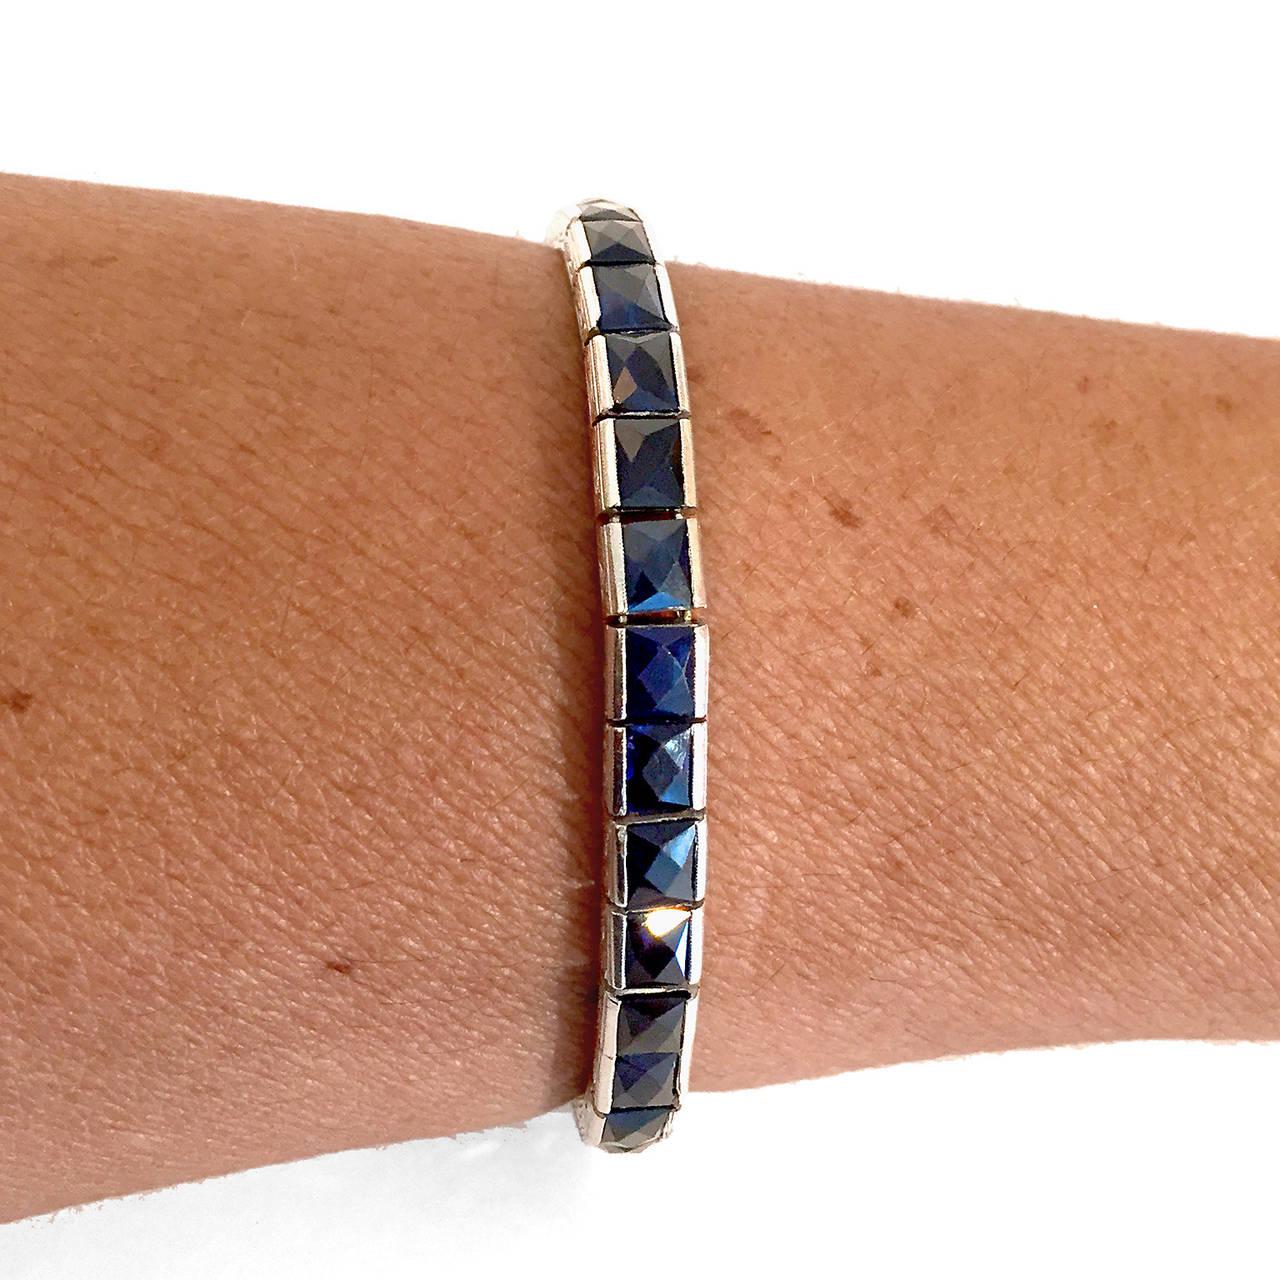 Rare Art Deco French-Cut 13.20 Carat Blue Sapphire Platinum Bracelet 3